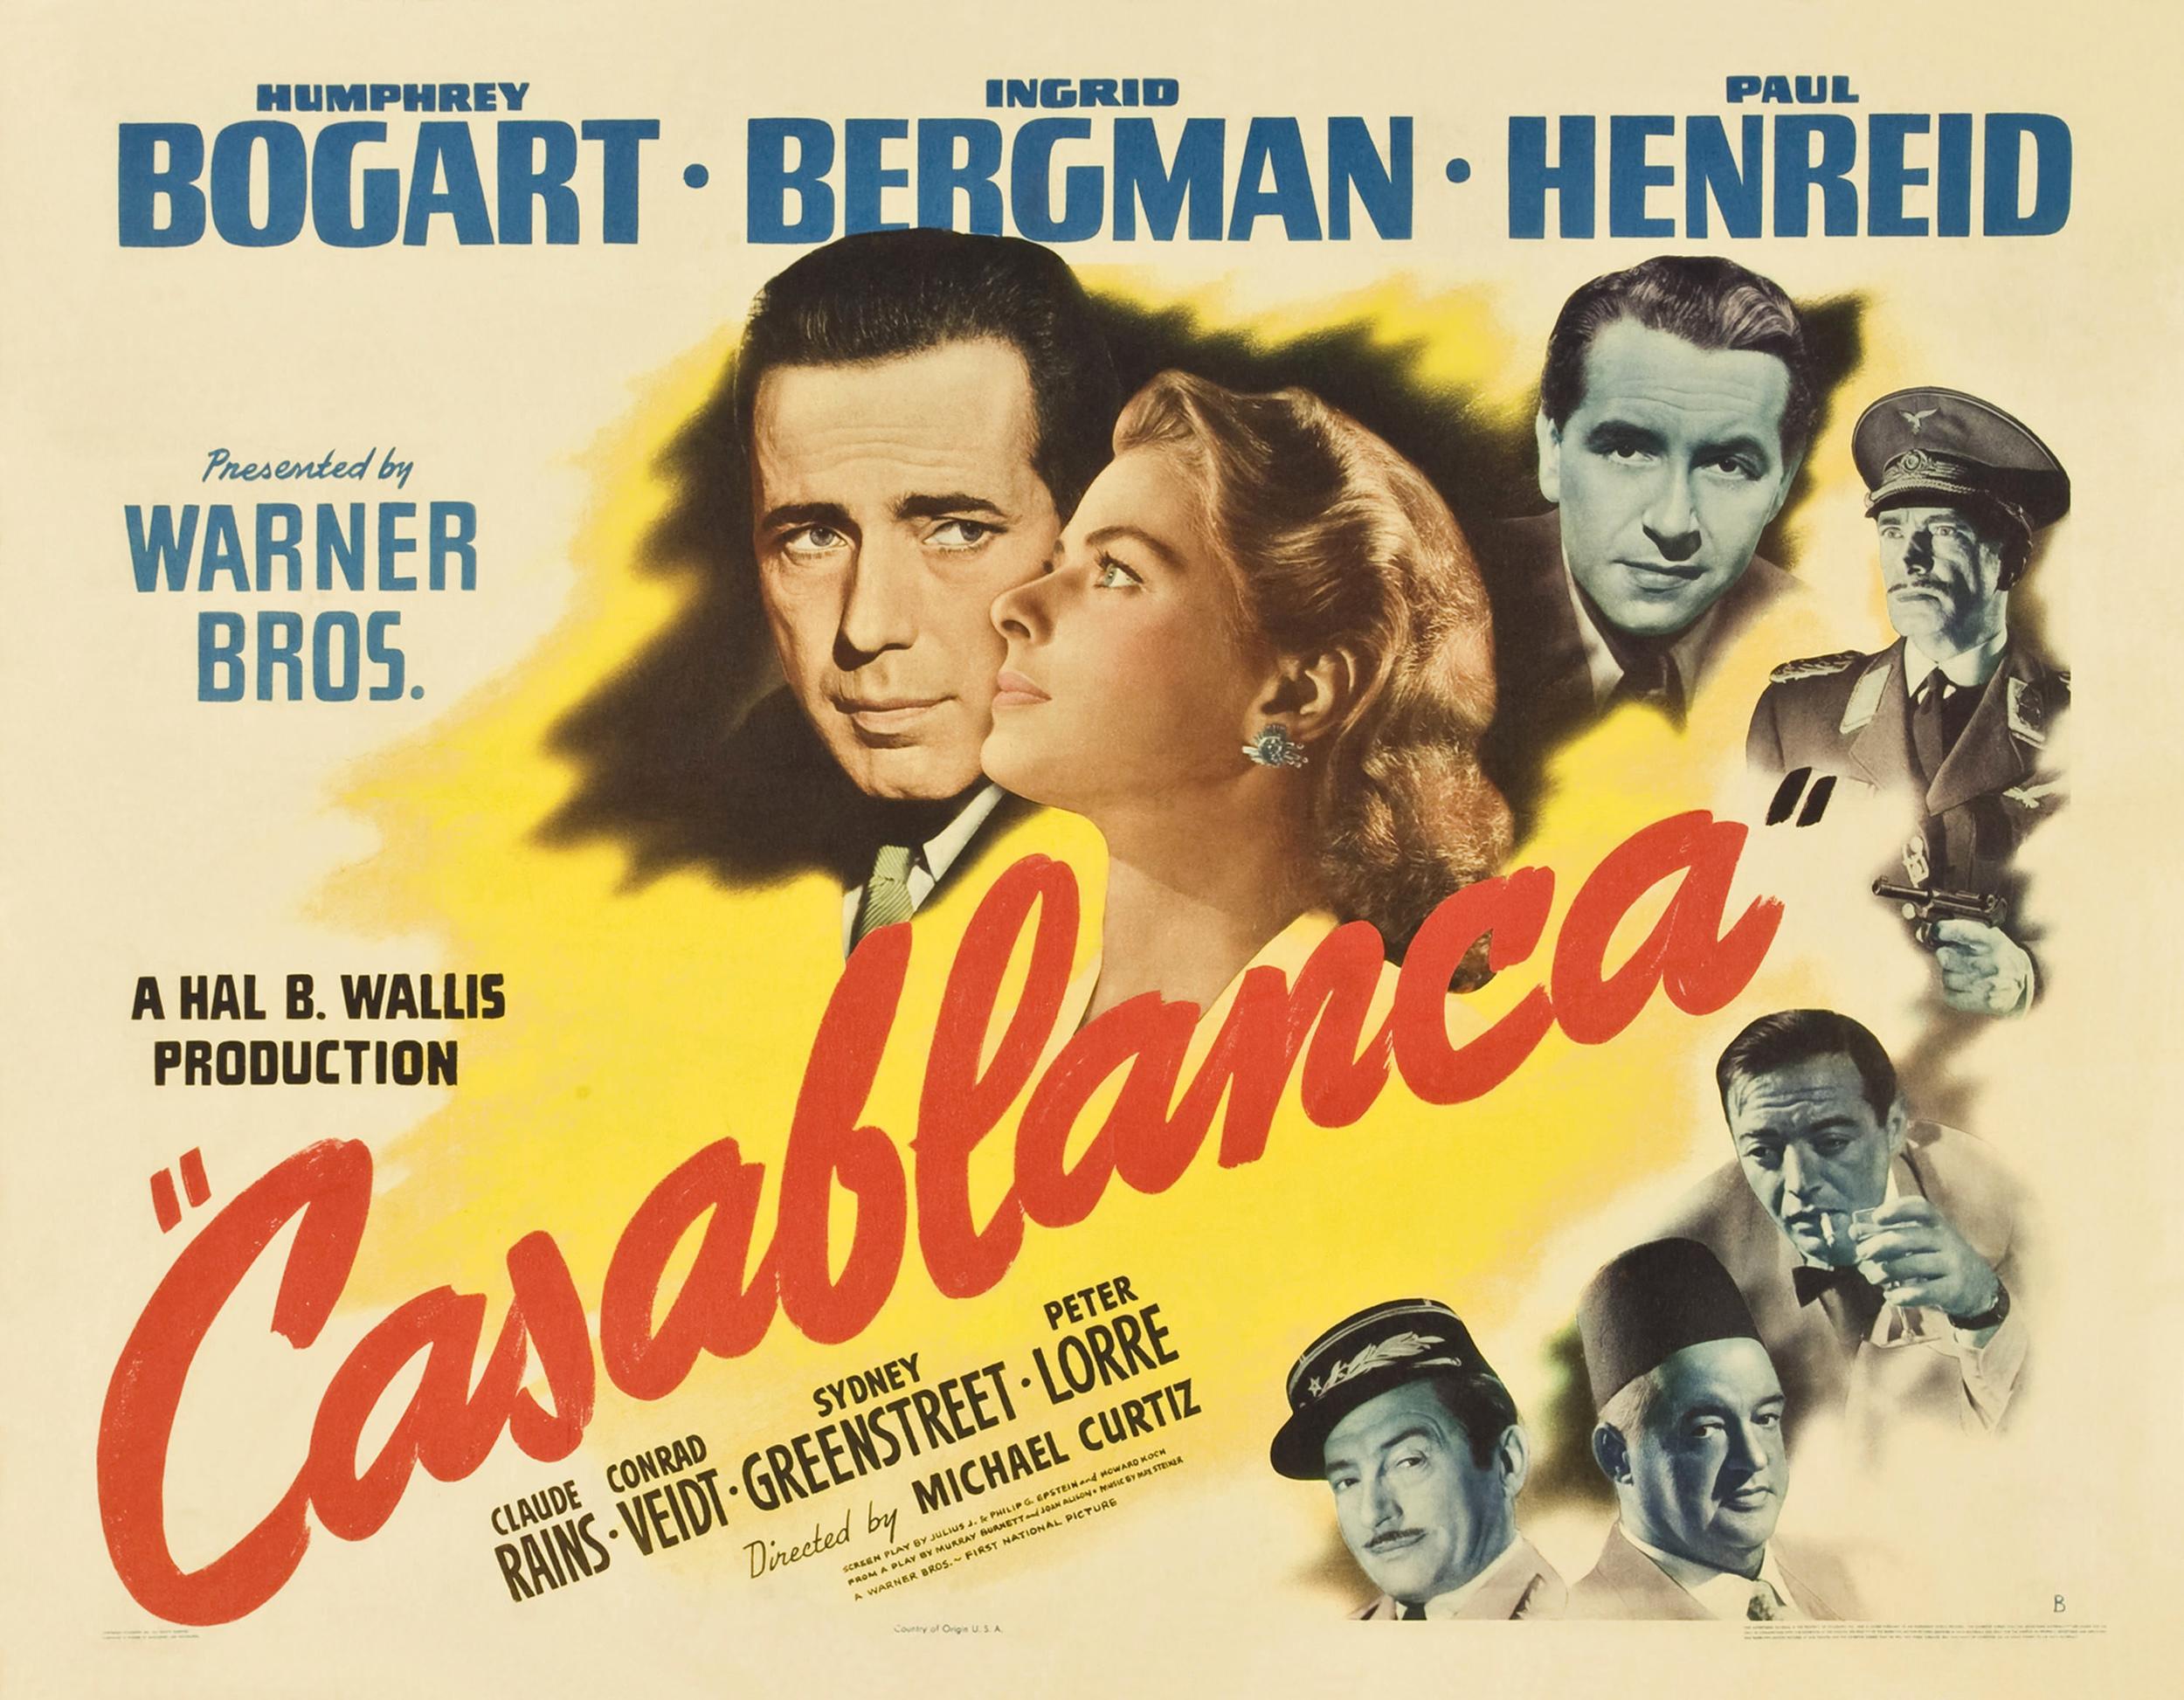 """Casablanca (1942) - Michael Curtiz  """"(Casablanca'nın) bu kadar etkileyici olmasının nedeni kahramanın uzun menzilli sonuçları olan bir sürü karar almasıdır, demiştin diyor Messerschmidt. İnsanları ve ülkeleri terk ediyor; kimliklerini, birlikte olduğu kadınları ve siyasi inançlarını değiştiriyor. Oysa sinemaya giden insanlar sonuçsuz kalan küçük kararlar verir hep. Kendilerine en fazla, bir televizyona ya da bir paltoya ihtiyacın var mı, diye sorarlar, daha fazlası olmaz onların hayatında.Sinemaya giden insanların hayatında her şey önceden belirlenmiştir. Casablanca yalanının sırrı, sahici ve hayati kararların düzlemiyle izleyicilerin sıfır karar düzlemini sinemadaki insanlarda, onların da mühim sivriliklerin ortasında yaşadıkları yanılsamasını yaratacak kadar iç içe geçirmesinde. Esas yalancı olan film değil, tam tersine insanların onu kullanma tarzı, lakin tam da bu yüzden film de yalancı çıkıyor, çünkü izleyicilere böyle bir yalanın kapısını açıyor."""""""